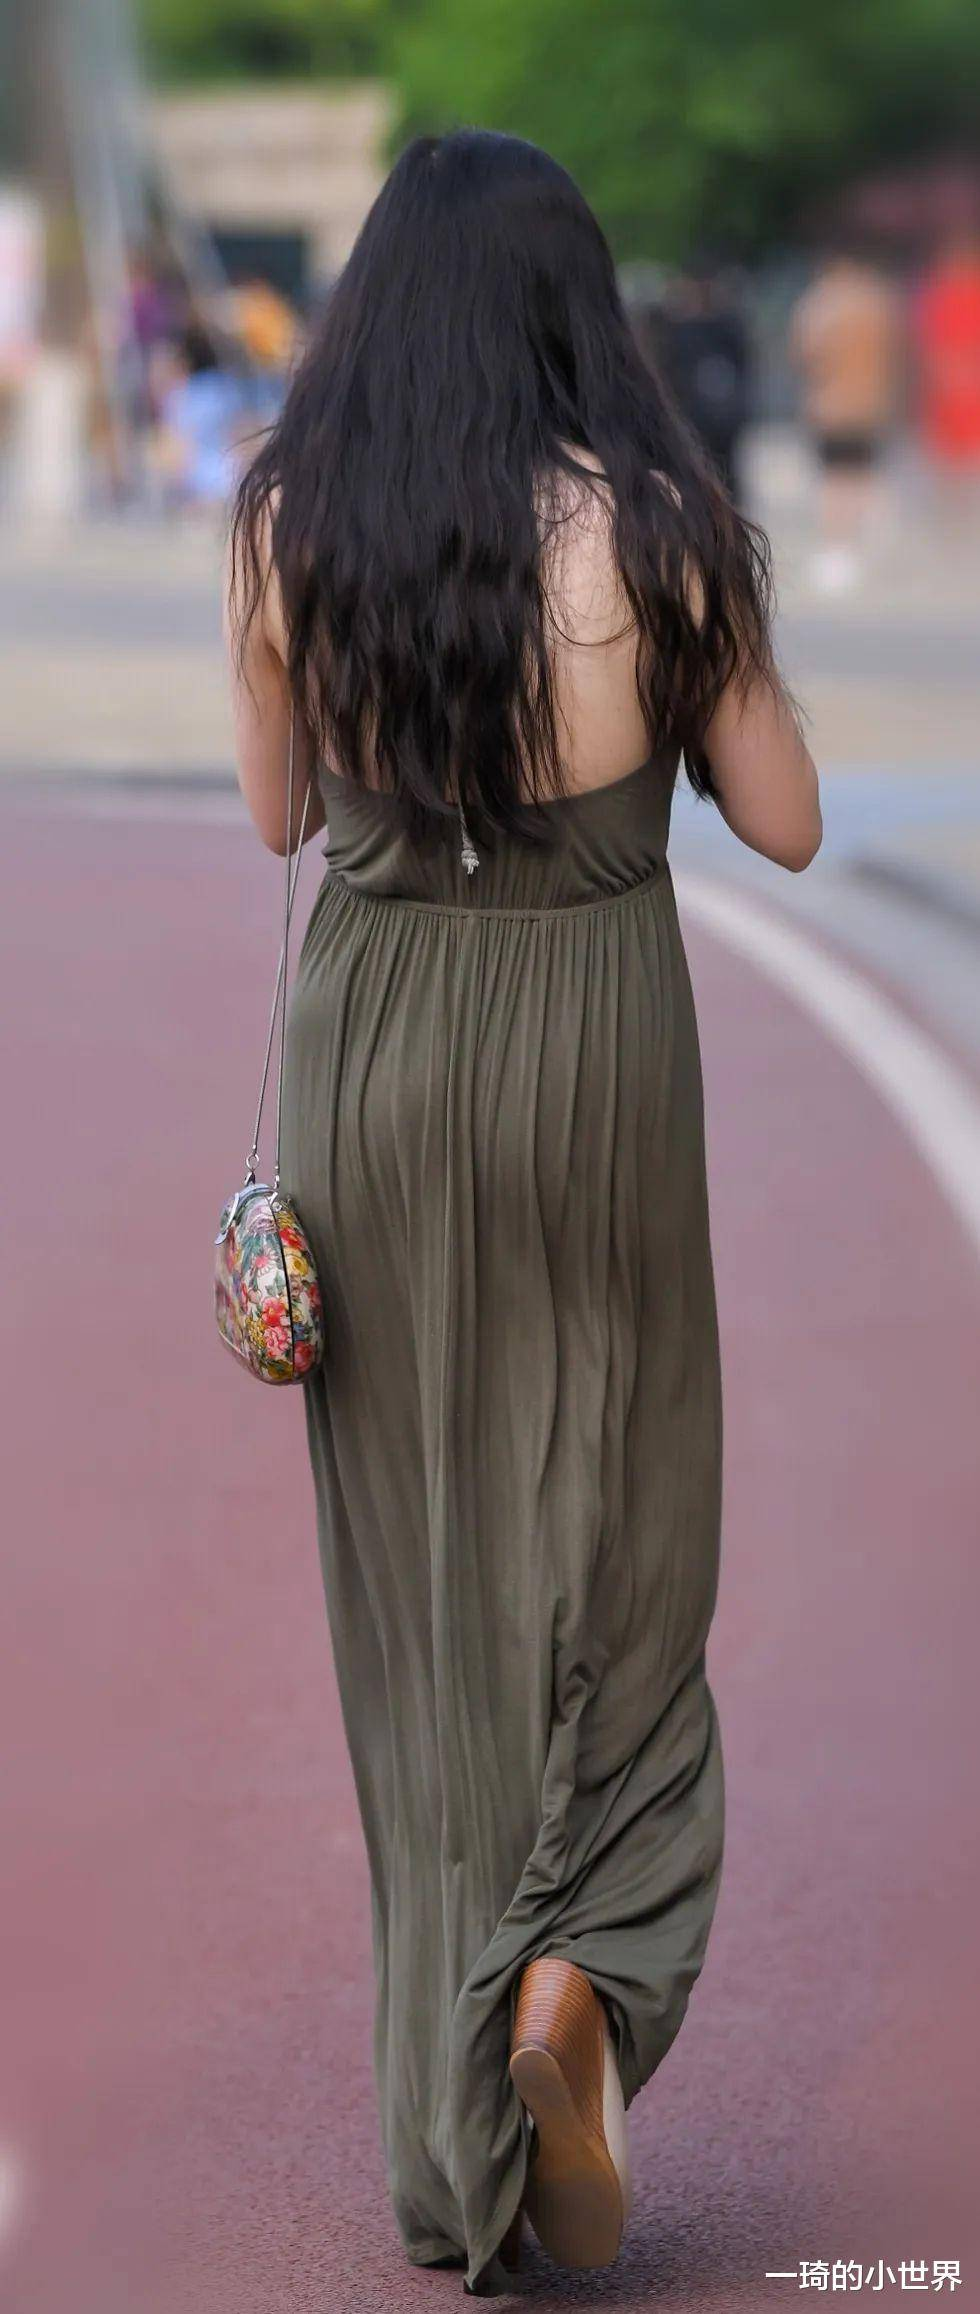 曼妙的夏季長裙,微風襲來的感覺特別美